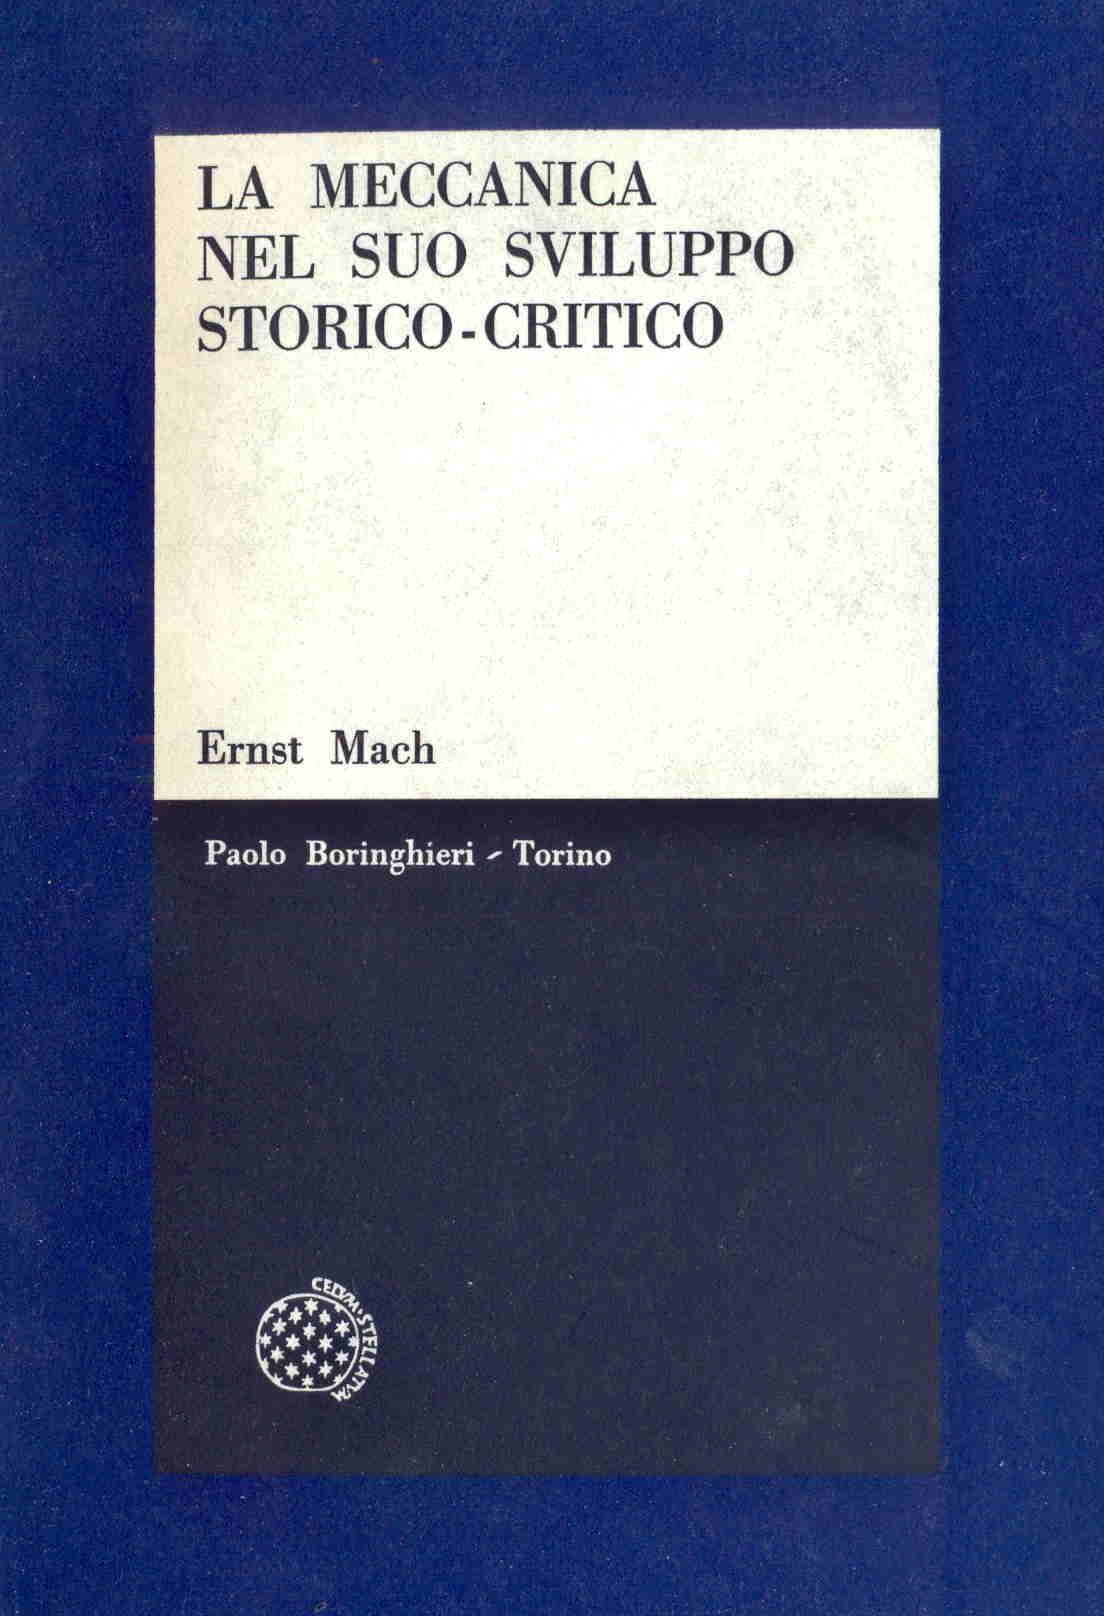 La meccanica nel suo sviluppo storico-critico